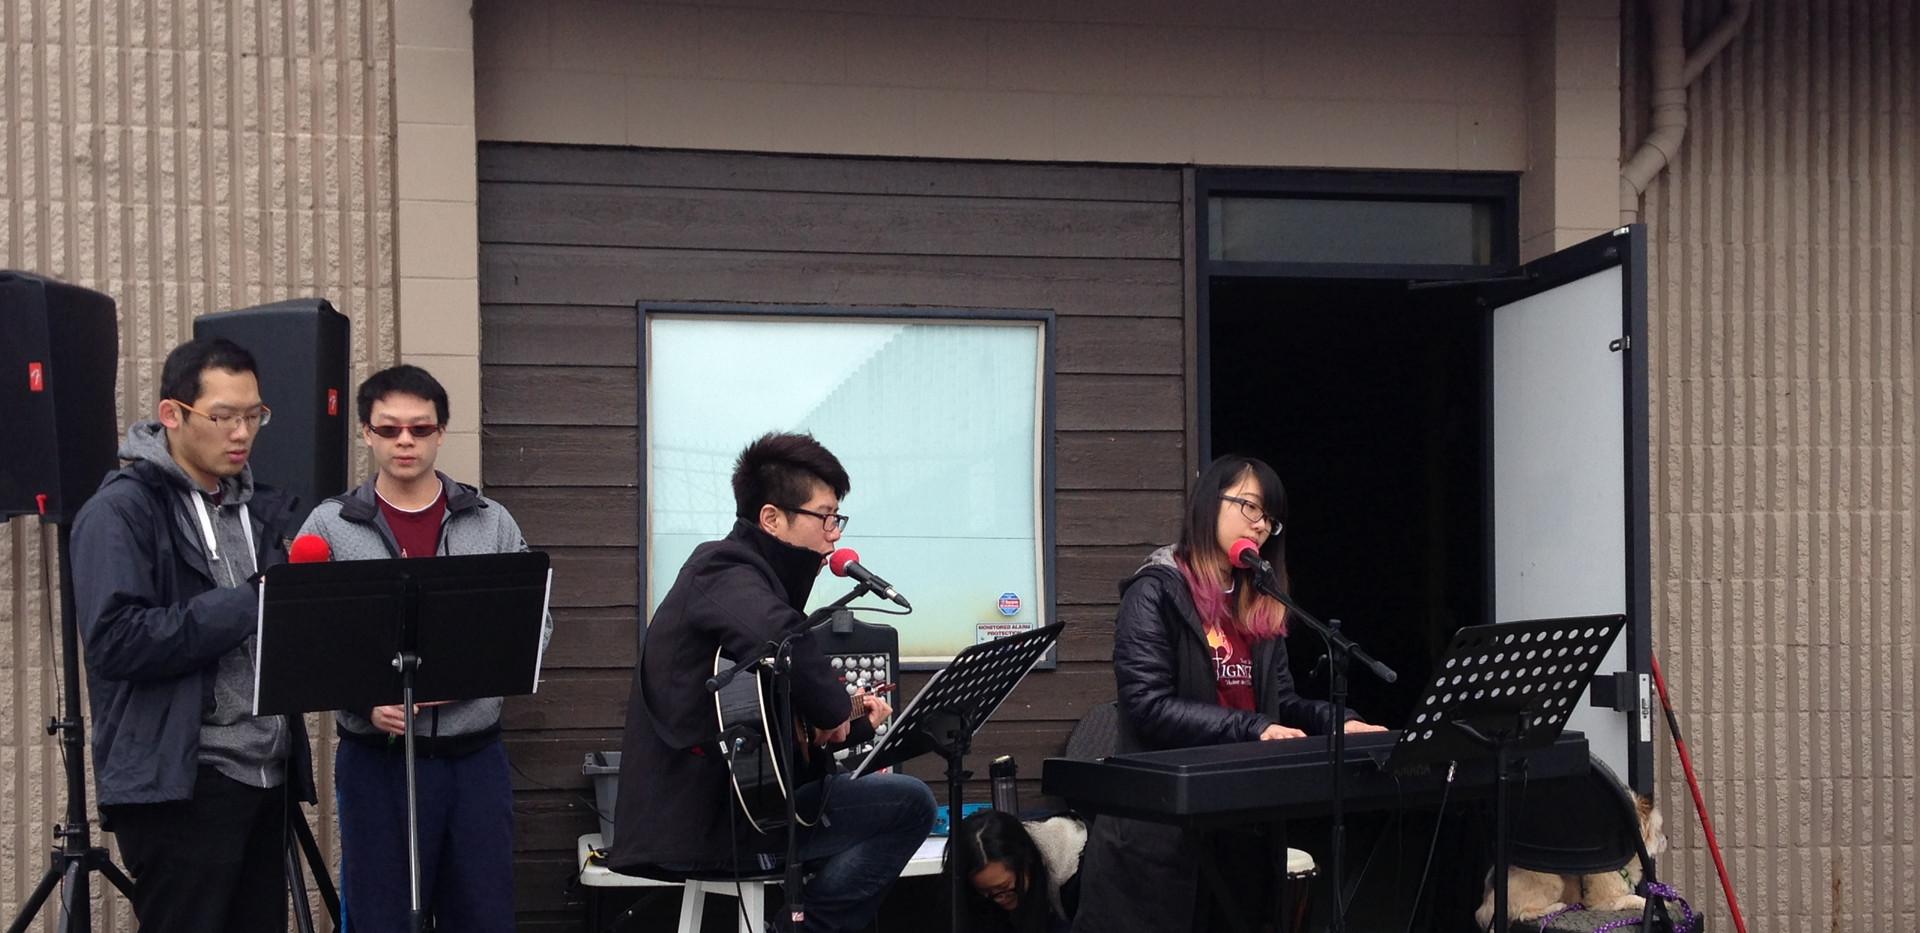 Photo 2017-02-11, 11 40 03 AM.jpg